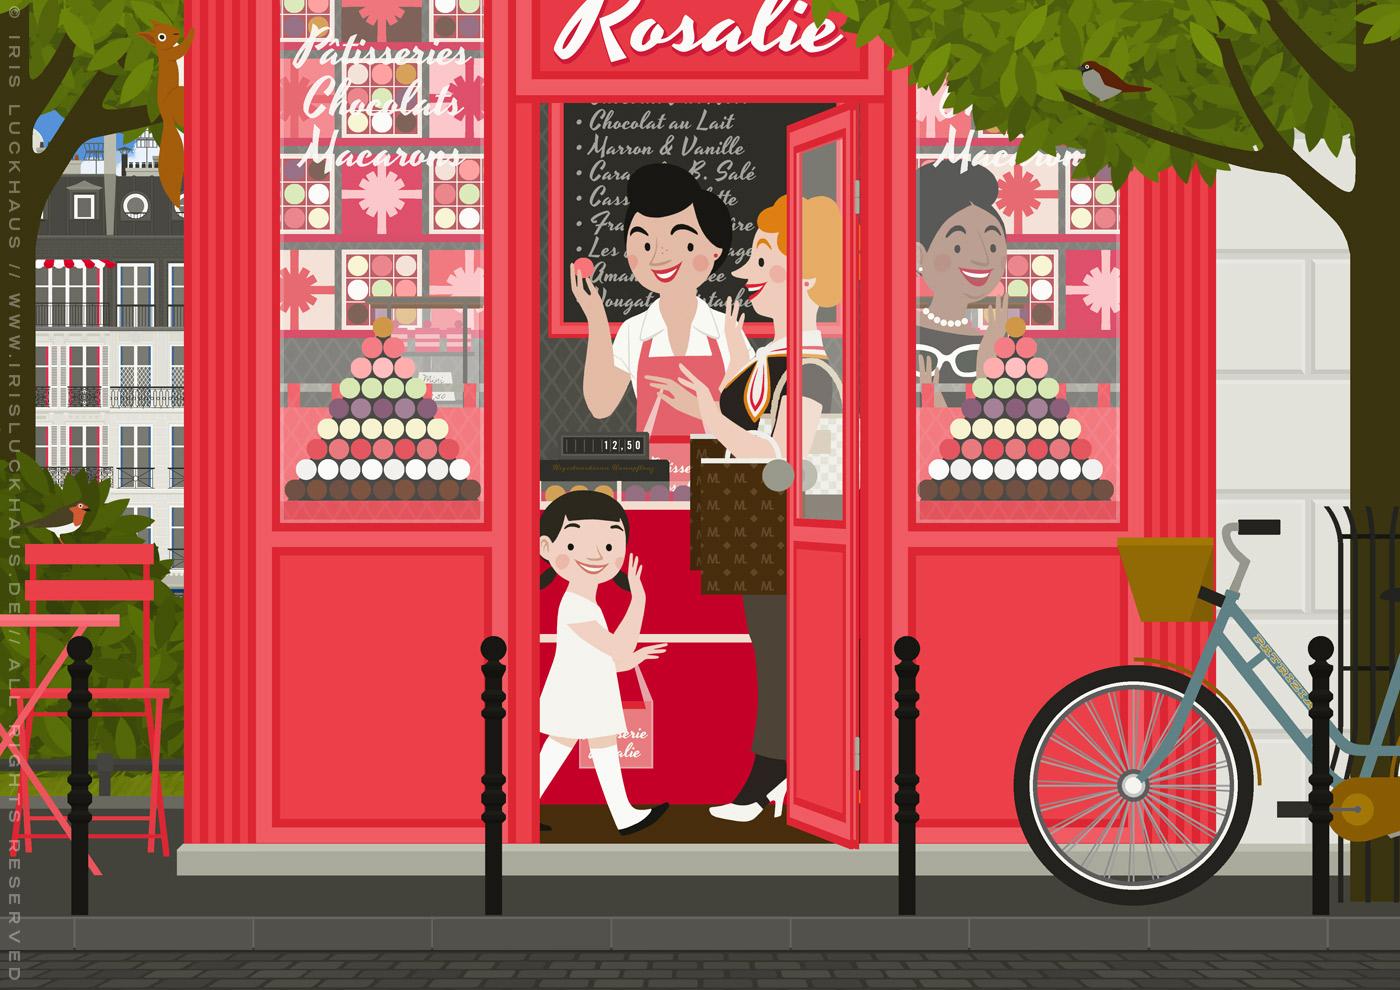 Zeichnung von zwei Freundinnen und Touristinnen, die in einer rosa Patisserie in Paris ganz beglückt und aufgeregt Macarons probieren